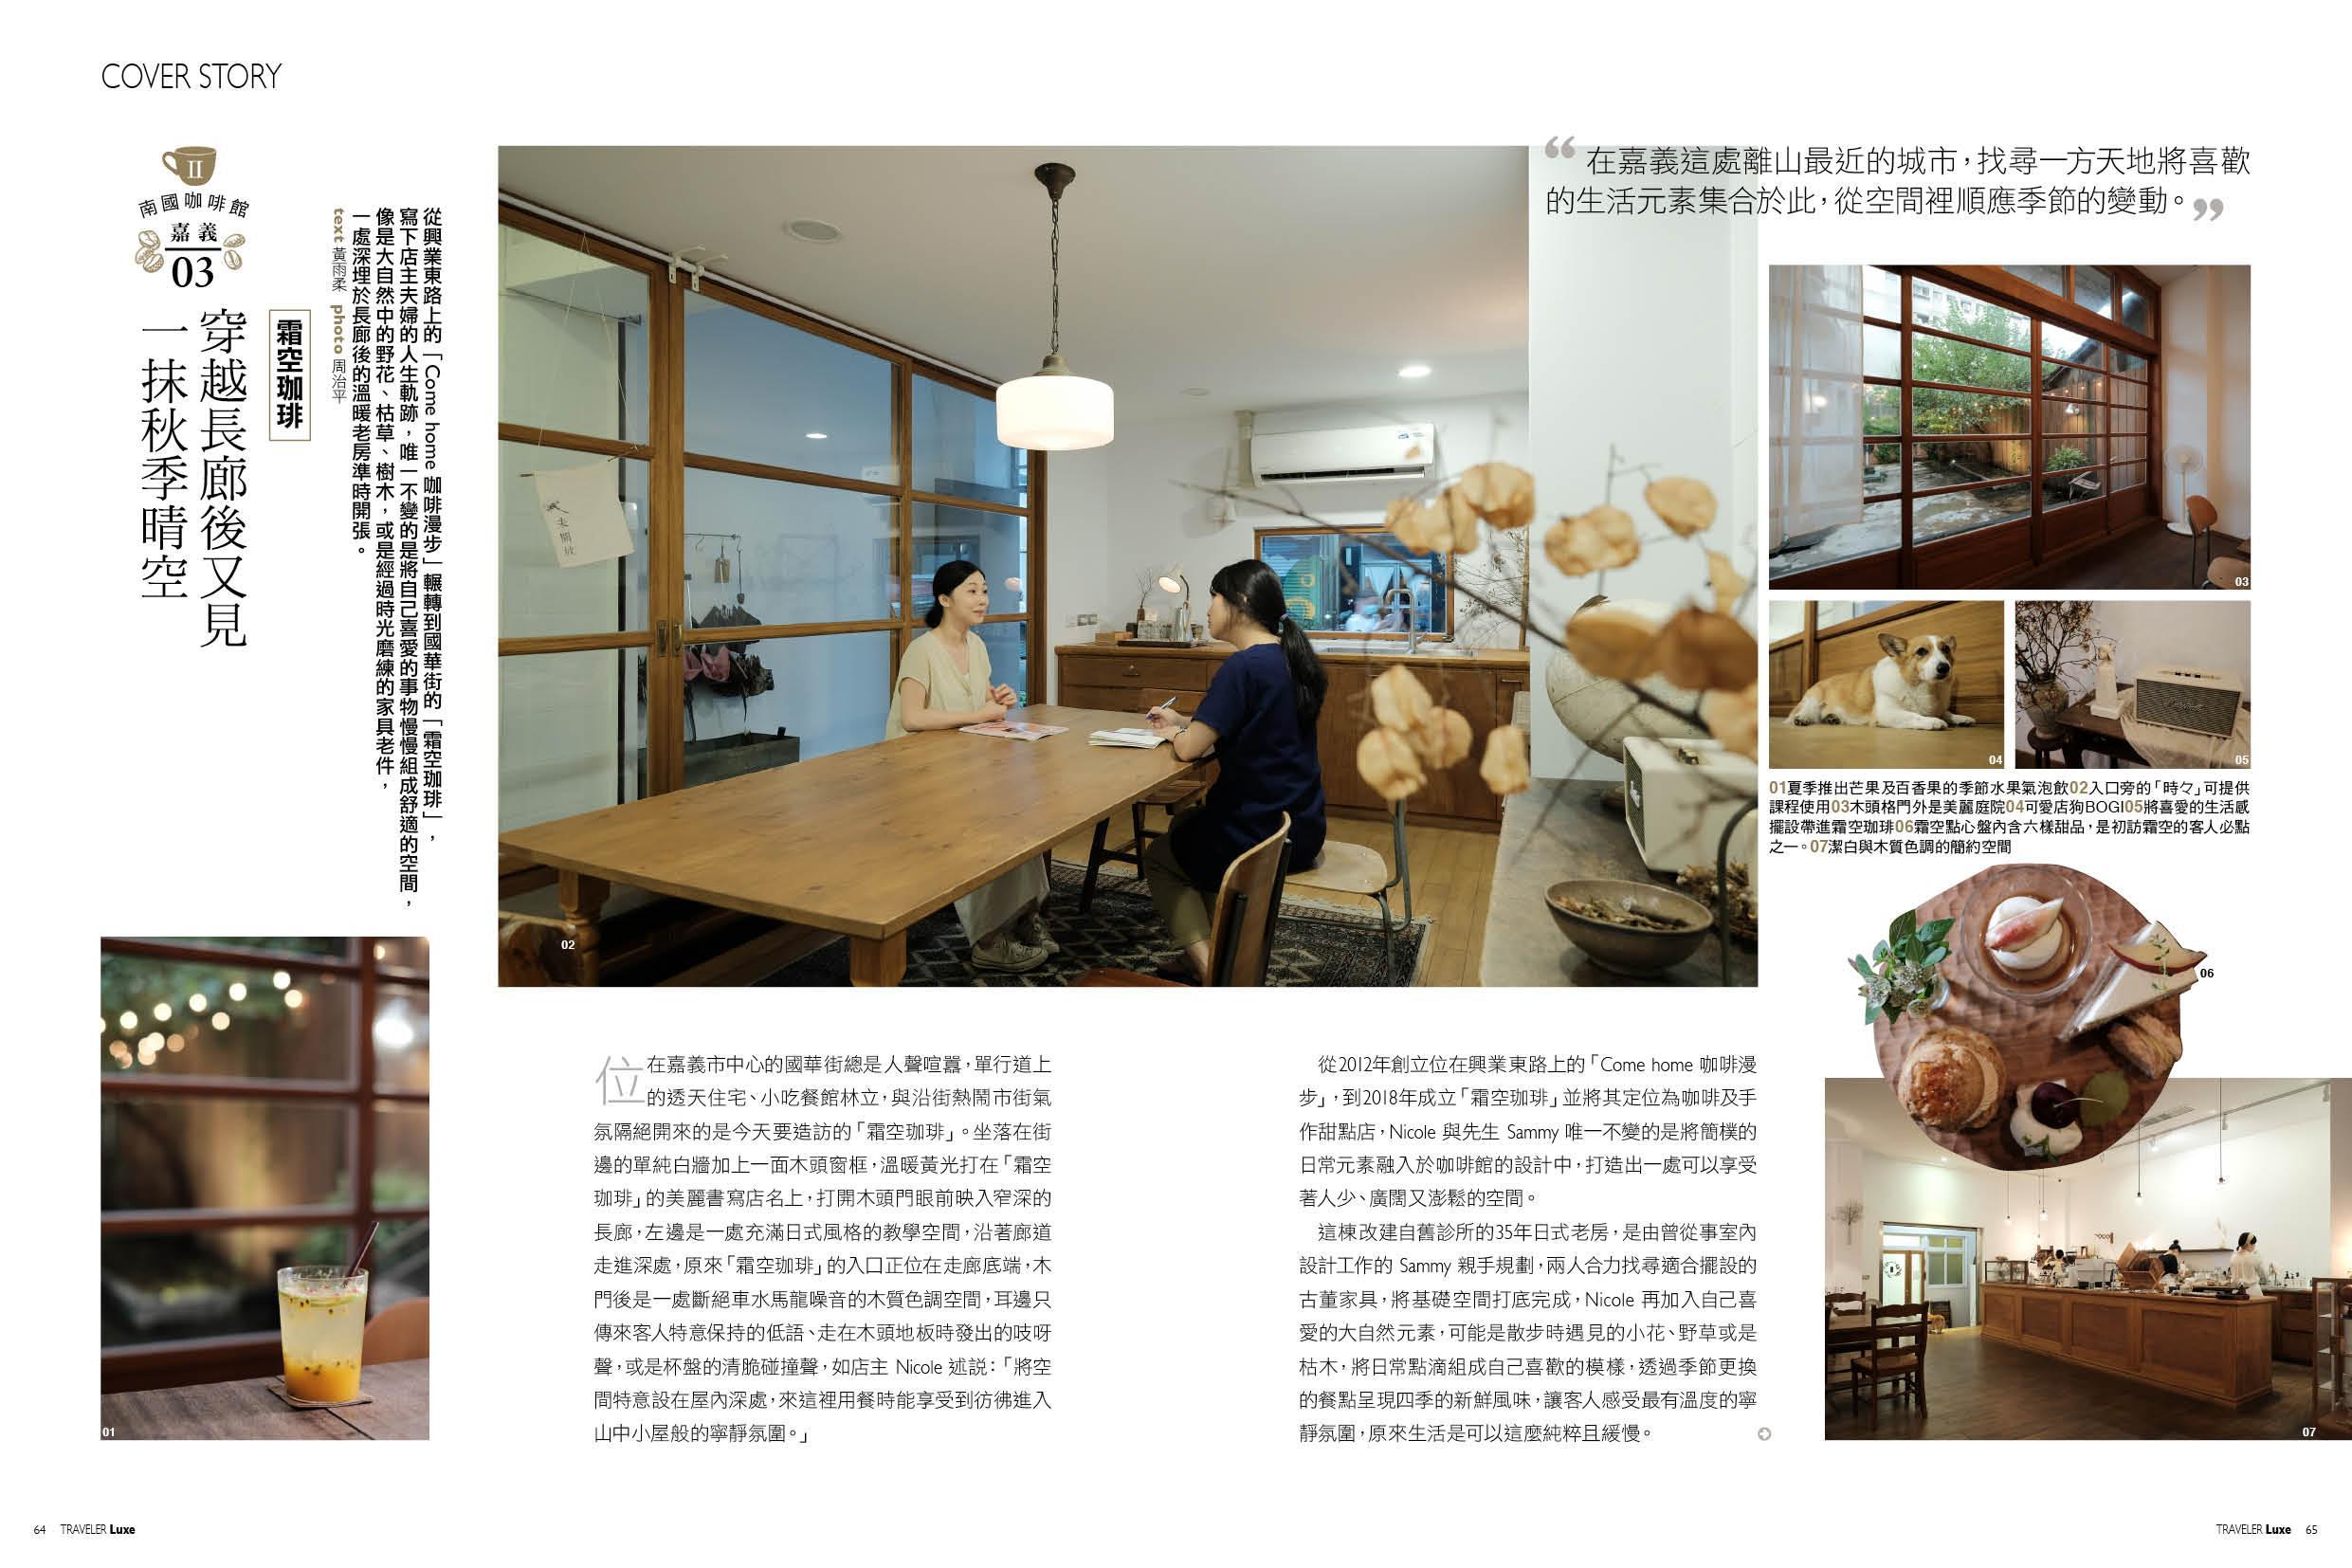 南國咖啡館,隱逸城市中的療癒祕境 pic2